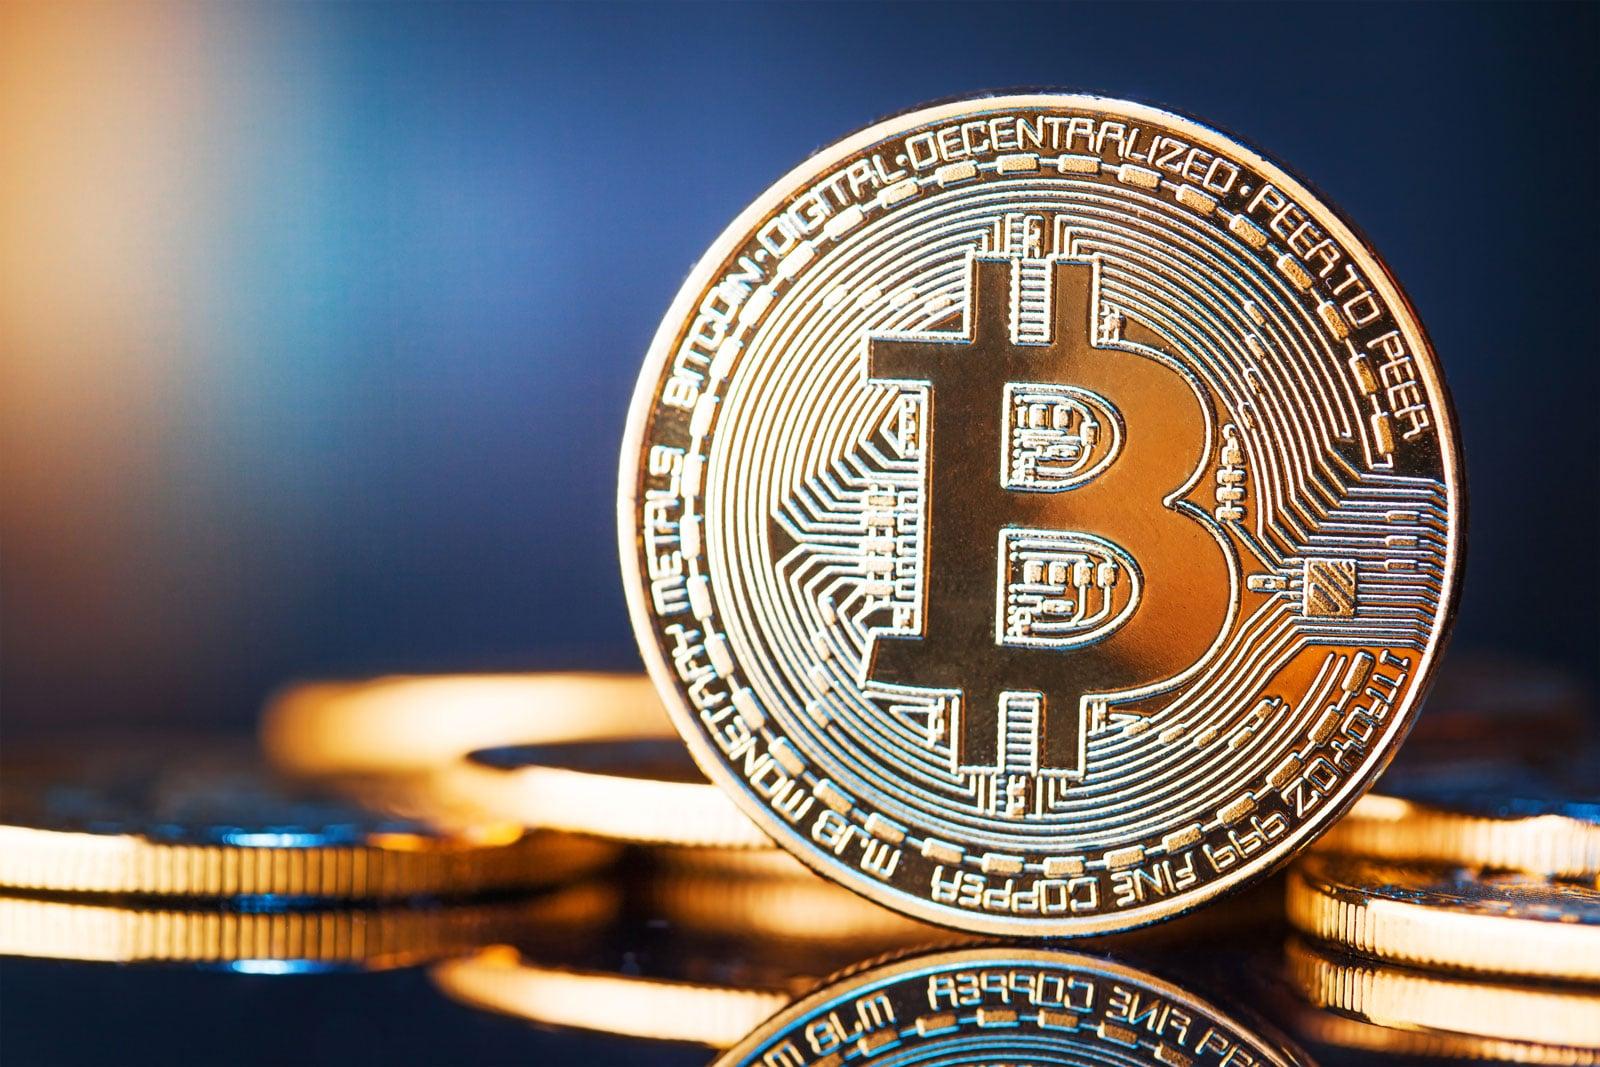 bitcoinde ticaret araligi tarihin en dar zamani